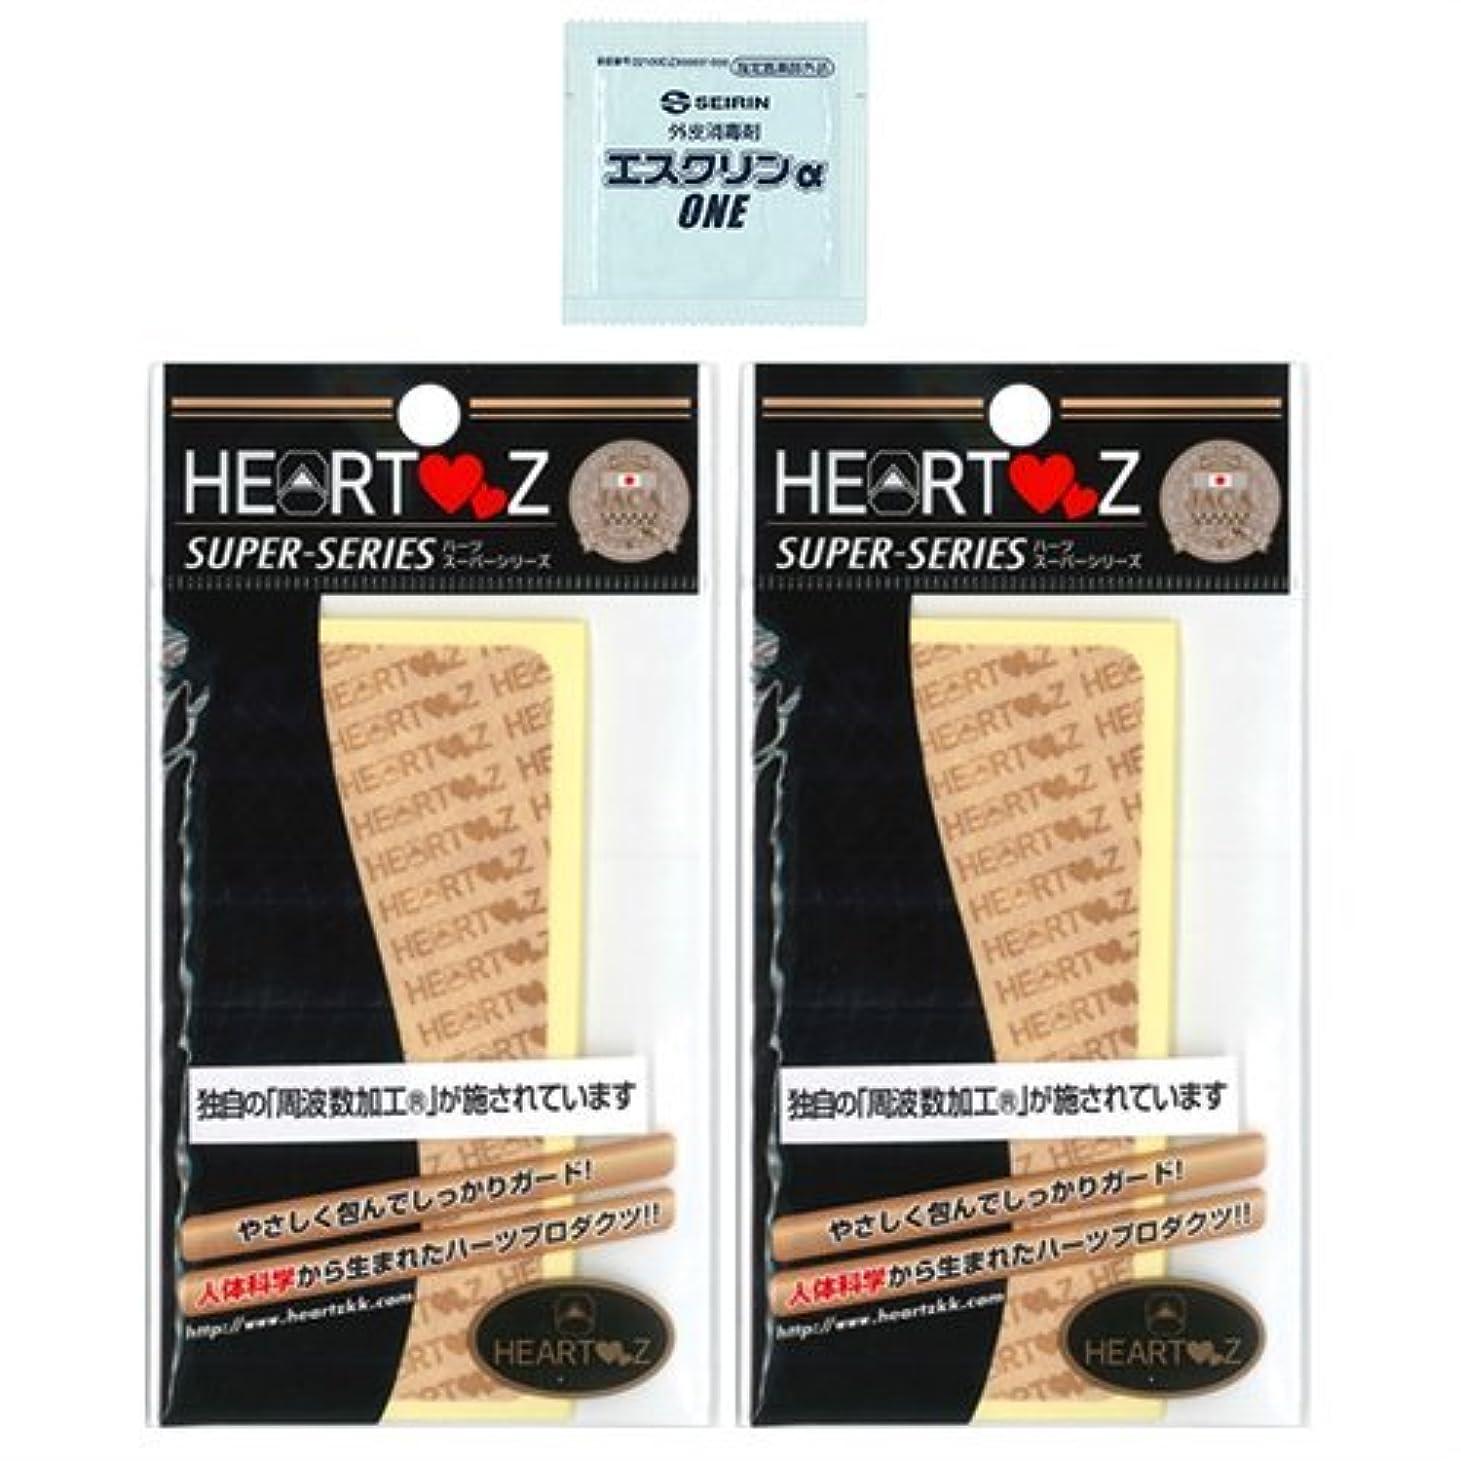 愚かな建設遮る【HEARTZ(ハーツ)】ハーツスーパーシール ベタ貼りタイプ 8枚入×2個セット (計16枚) + エスクリンαONEx1個 セット